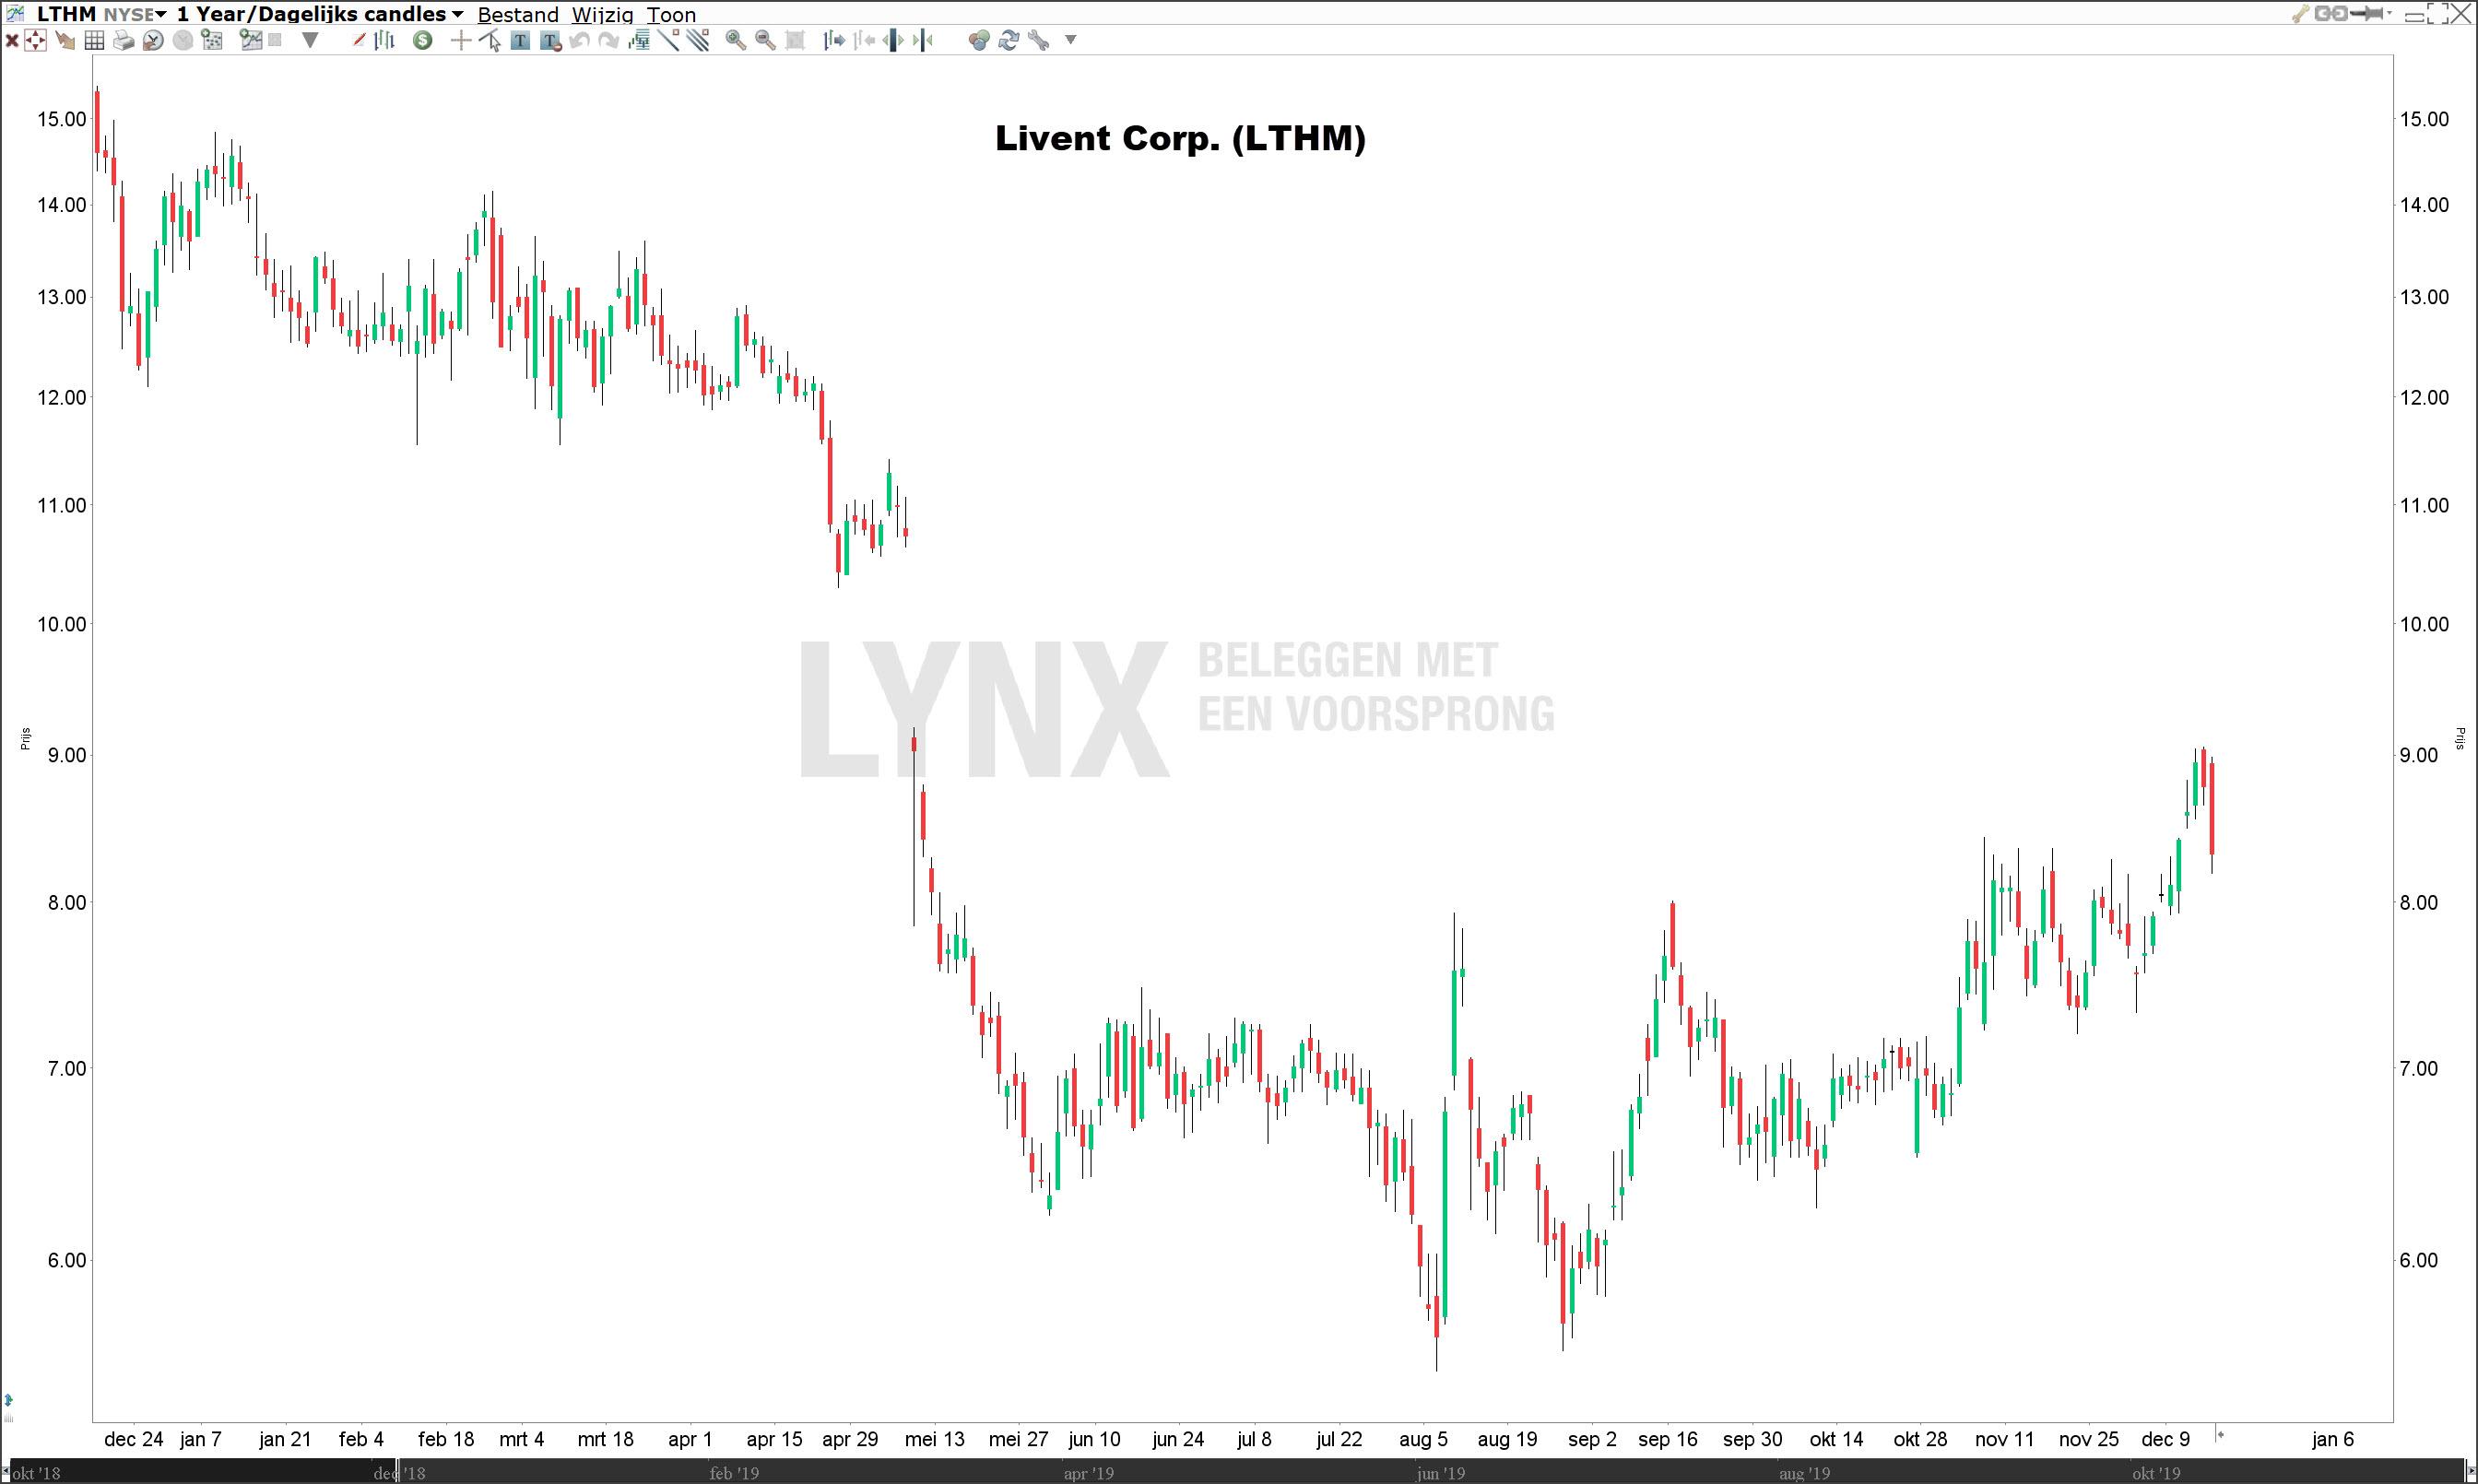 Lithium aandeel livent corporation